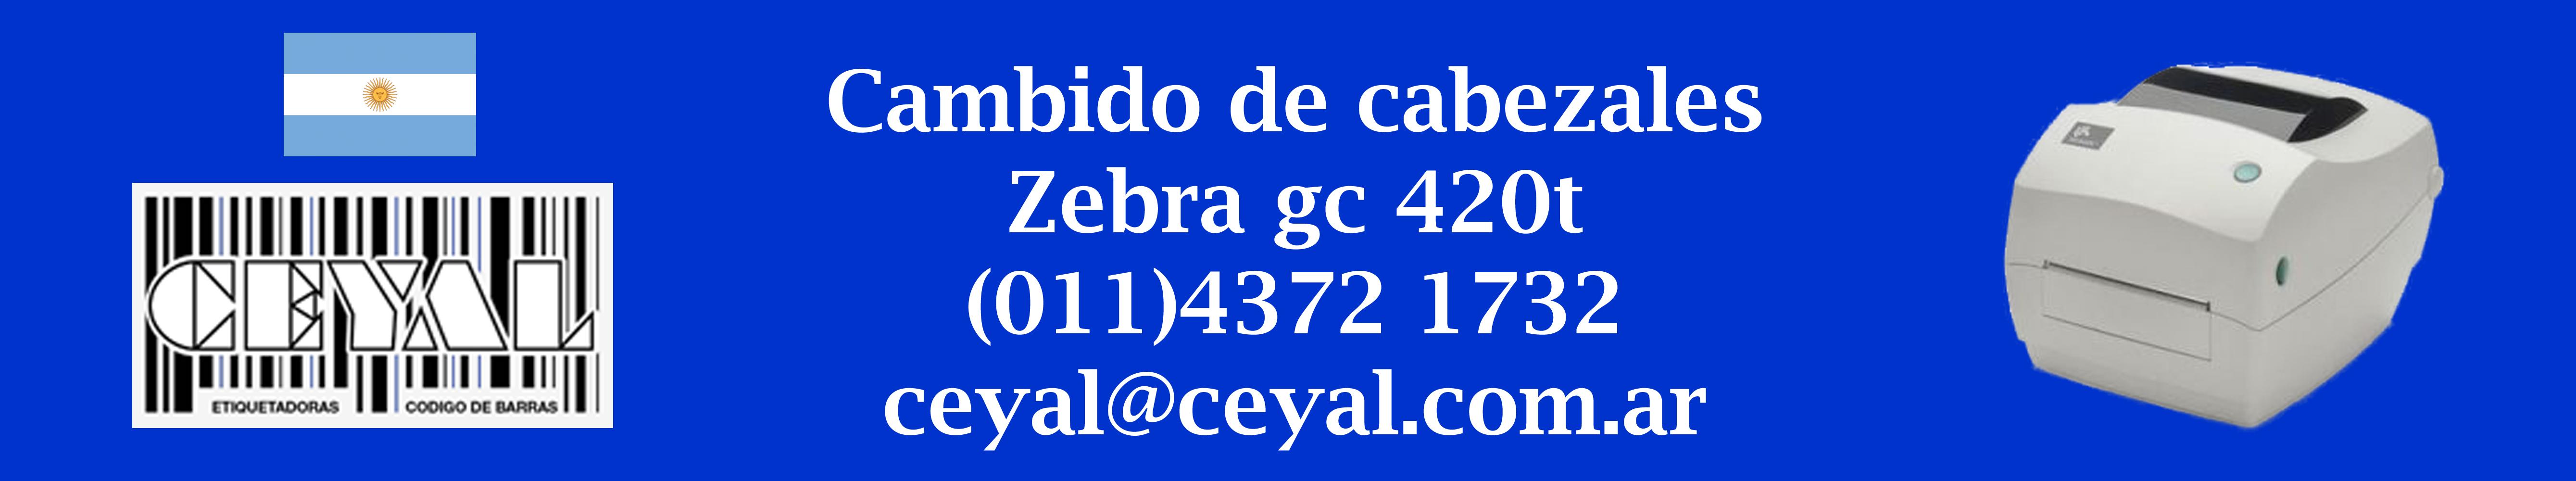 cambio de cabezales impresora gc 420t